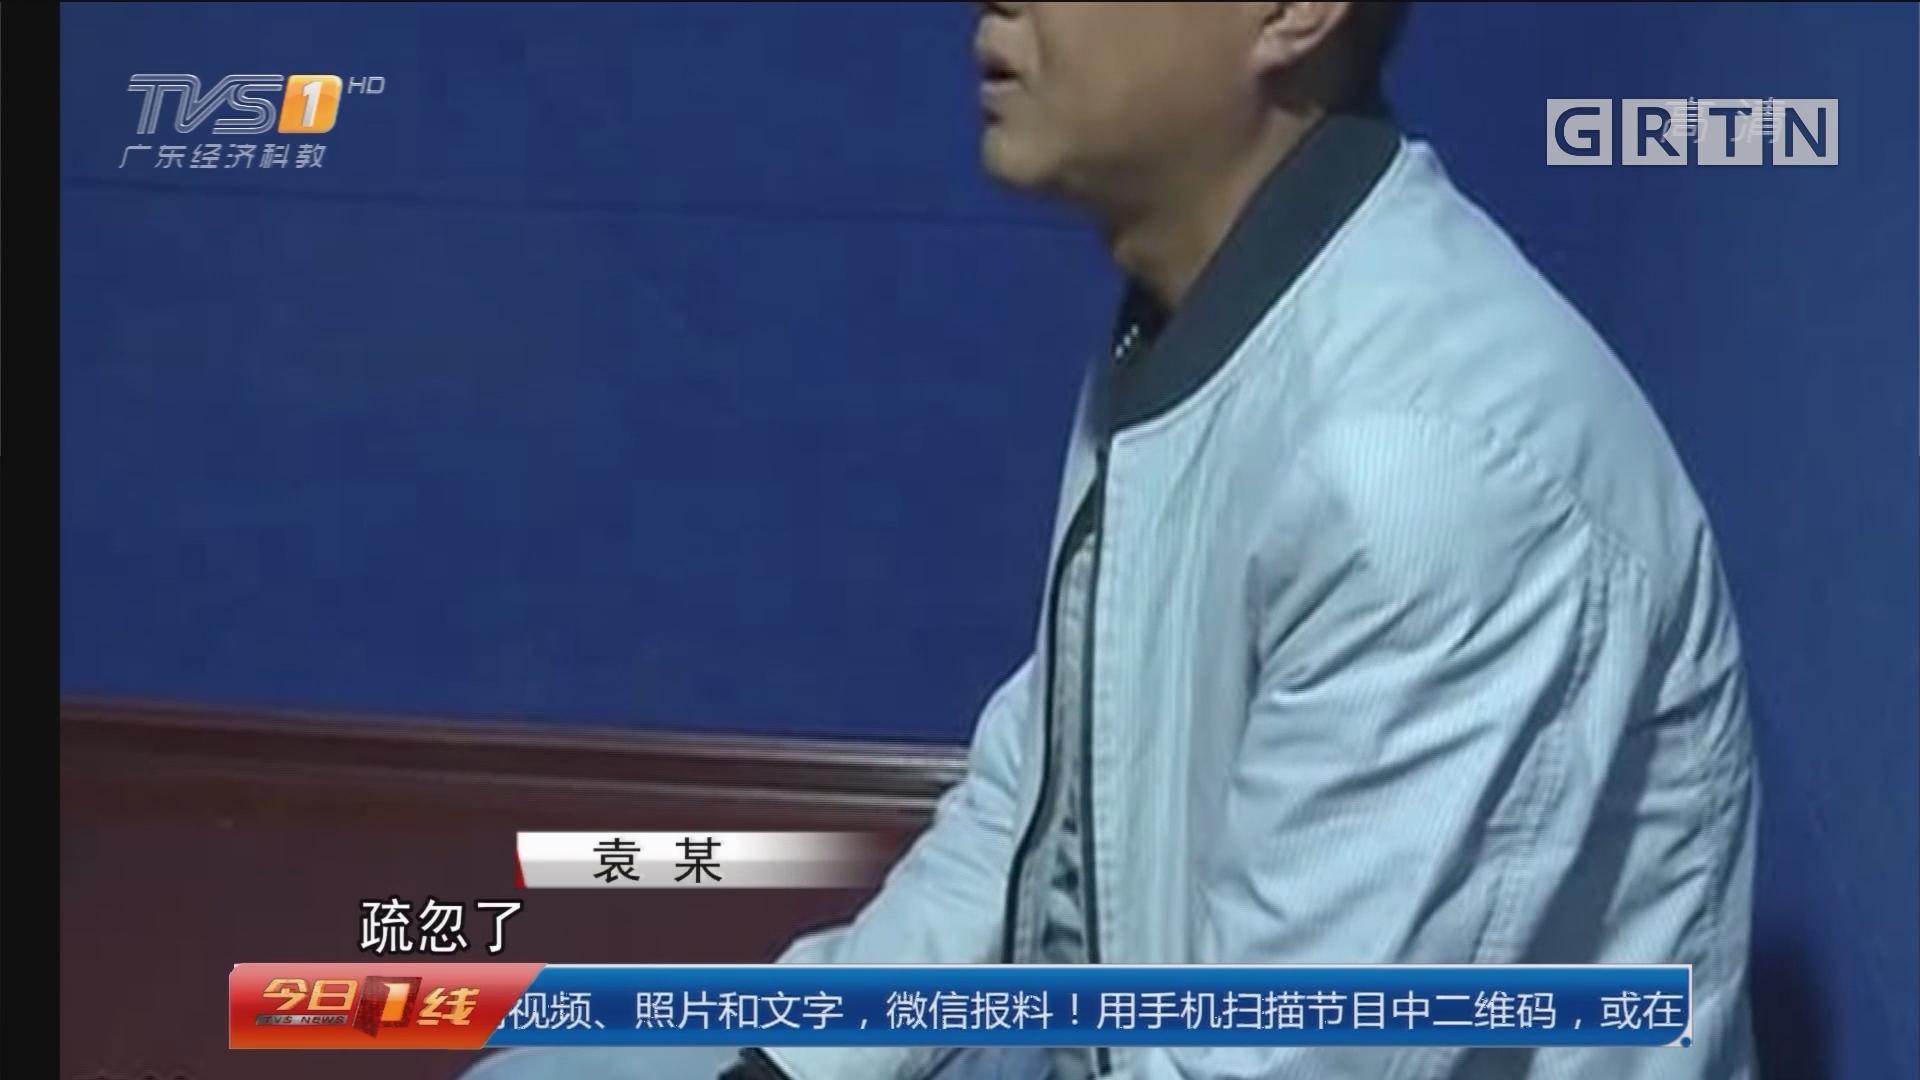 陕西:醉驾接送幼儿 被查时拉着18个孩子